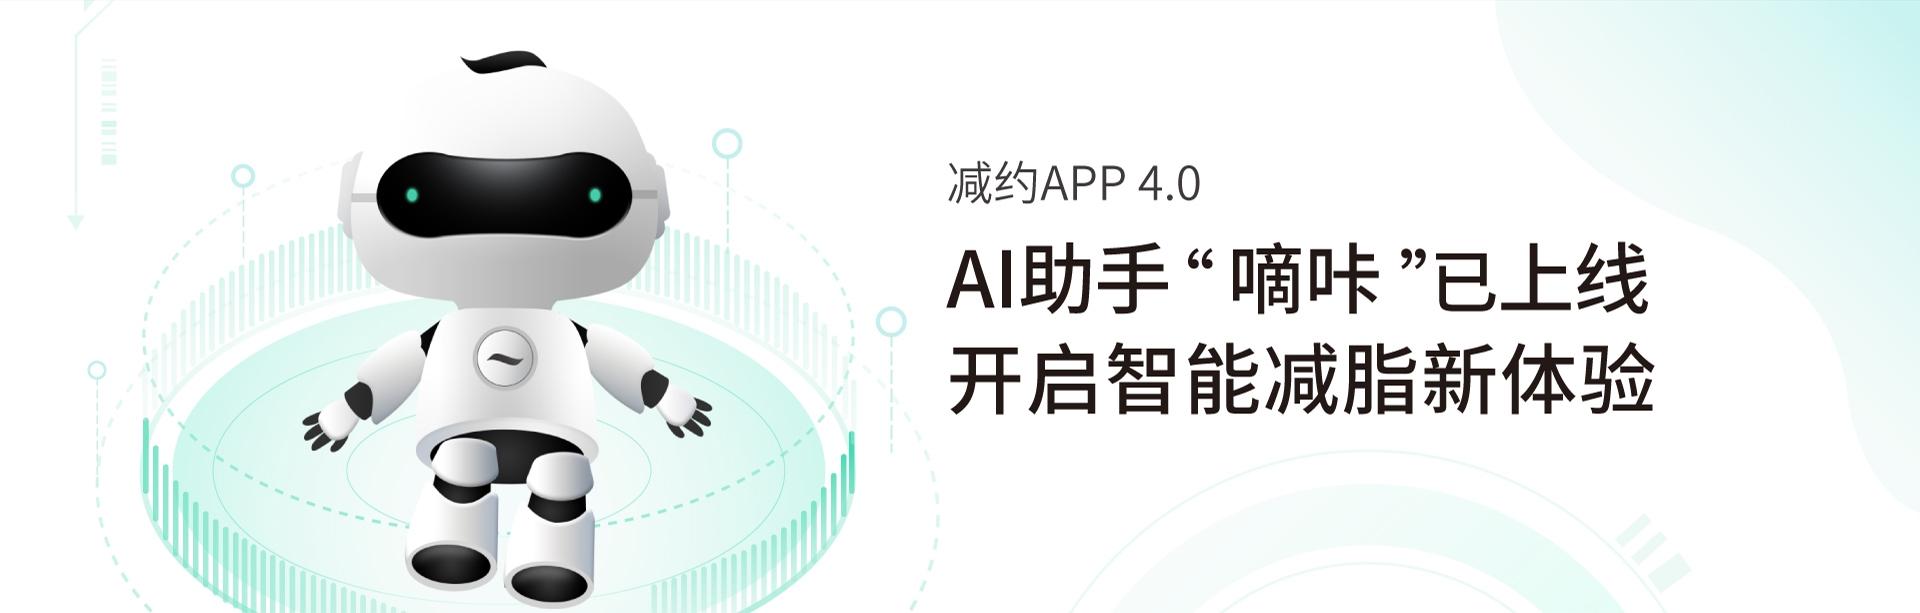 bwin首页APP 4.0上线